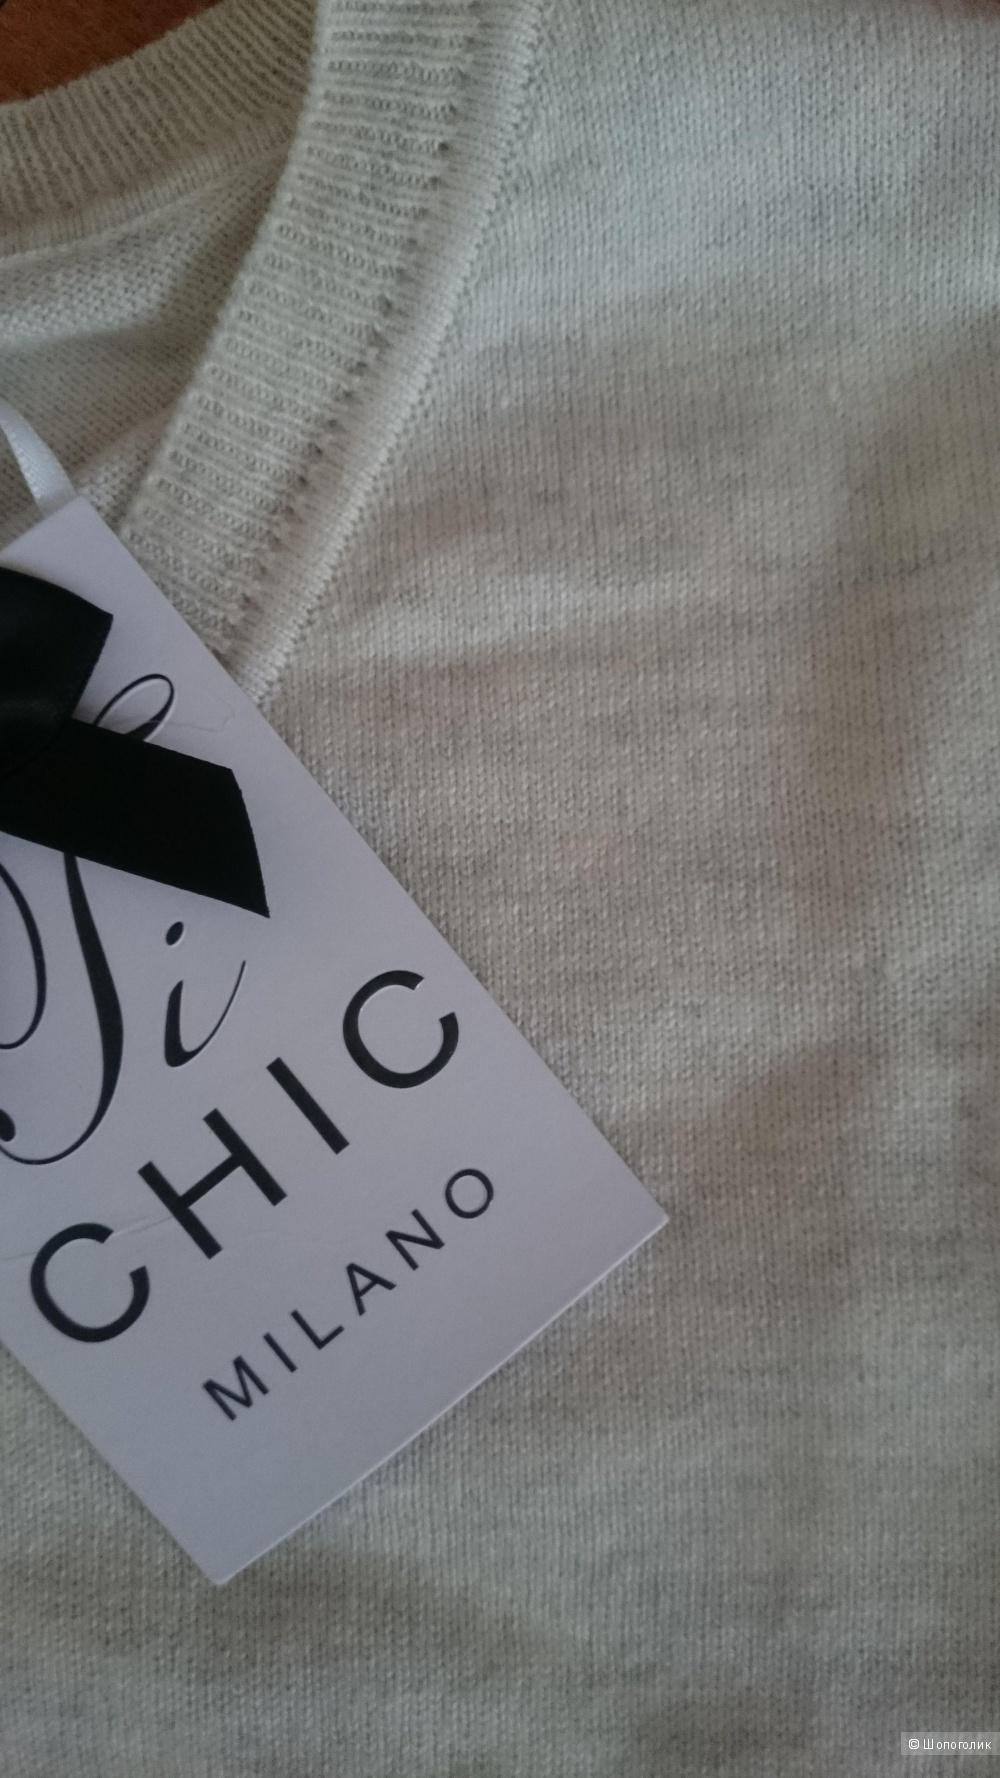 Кофточка Ti CHIC MILANO, размер 42-44